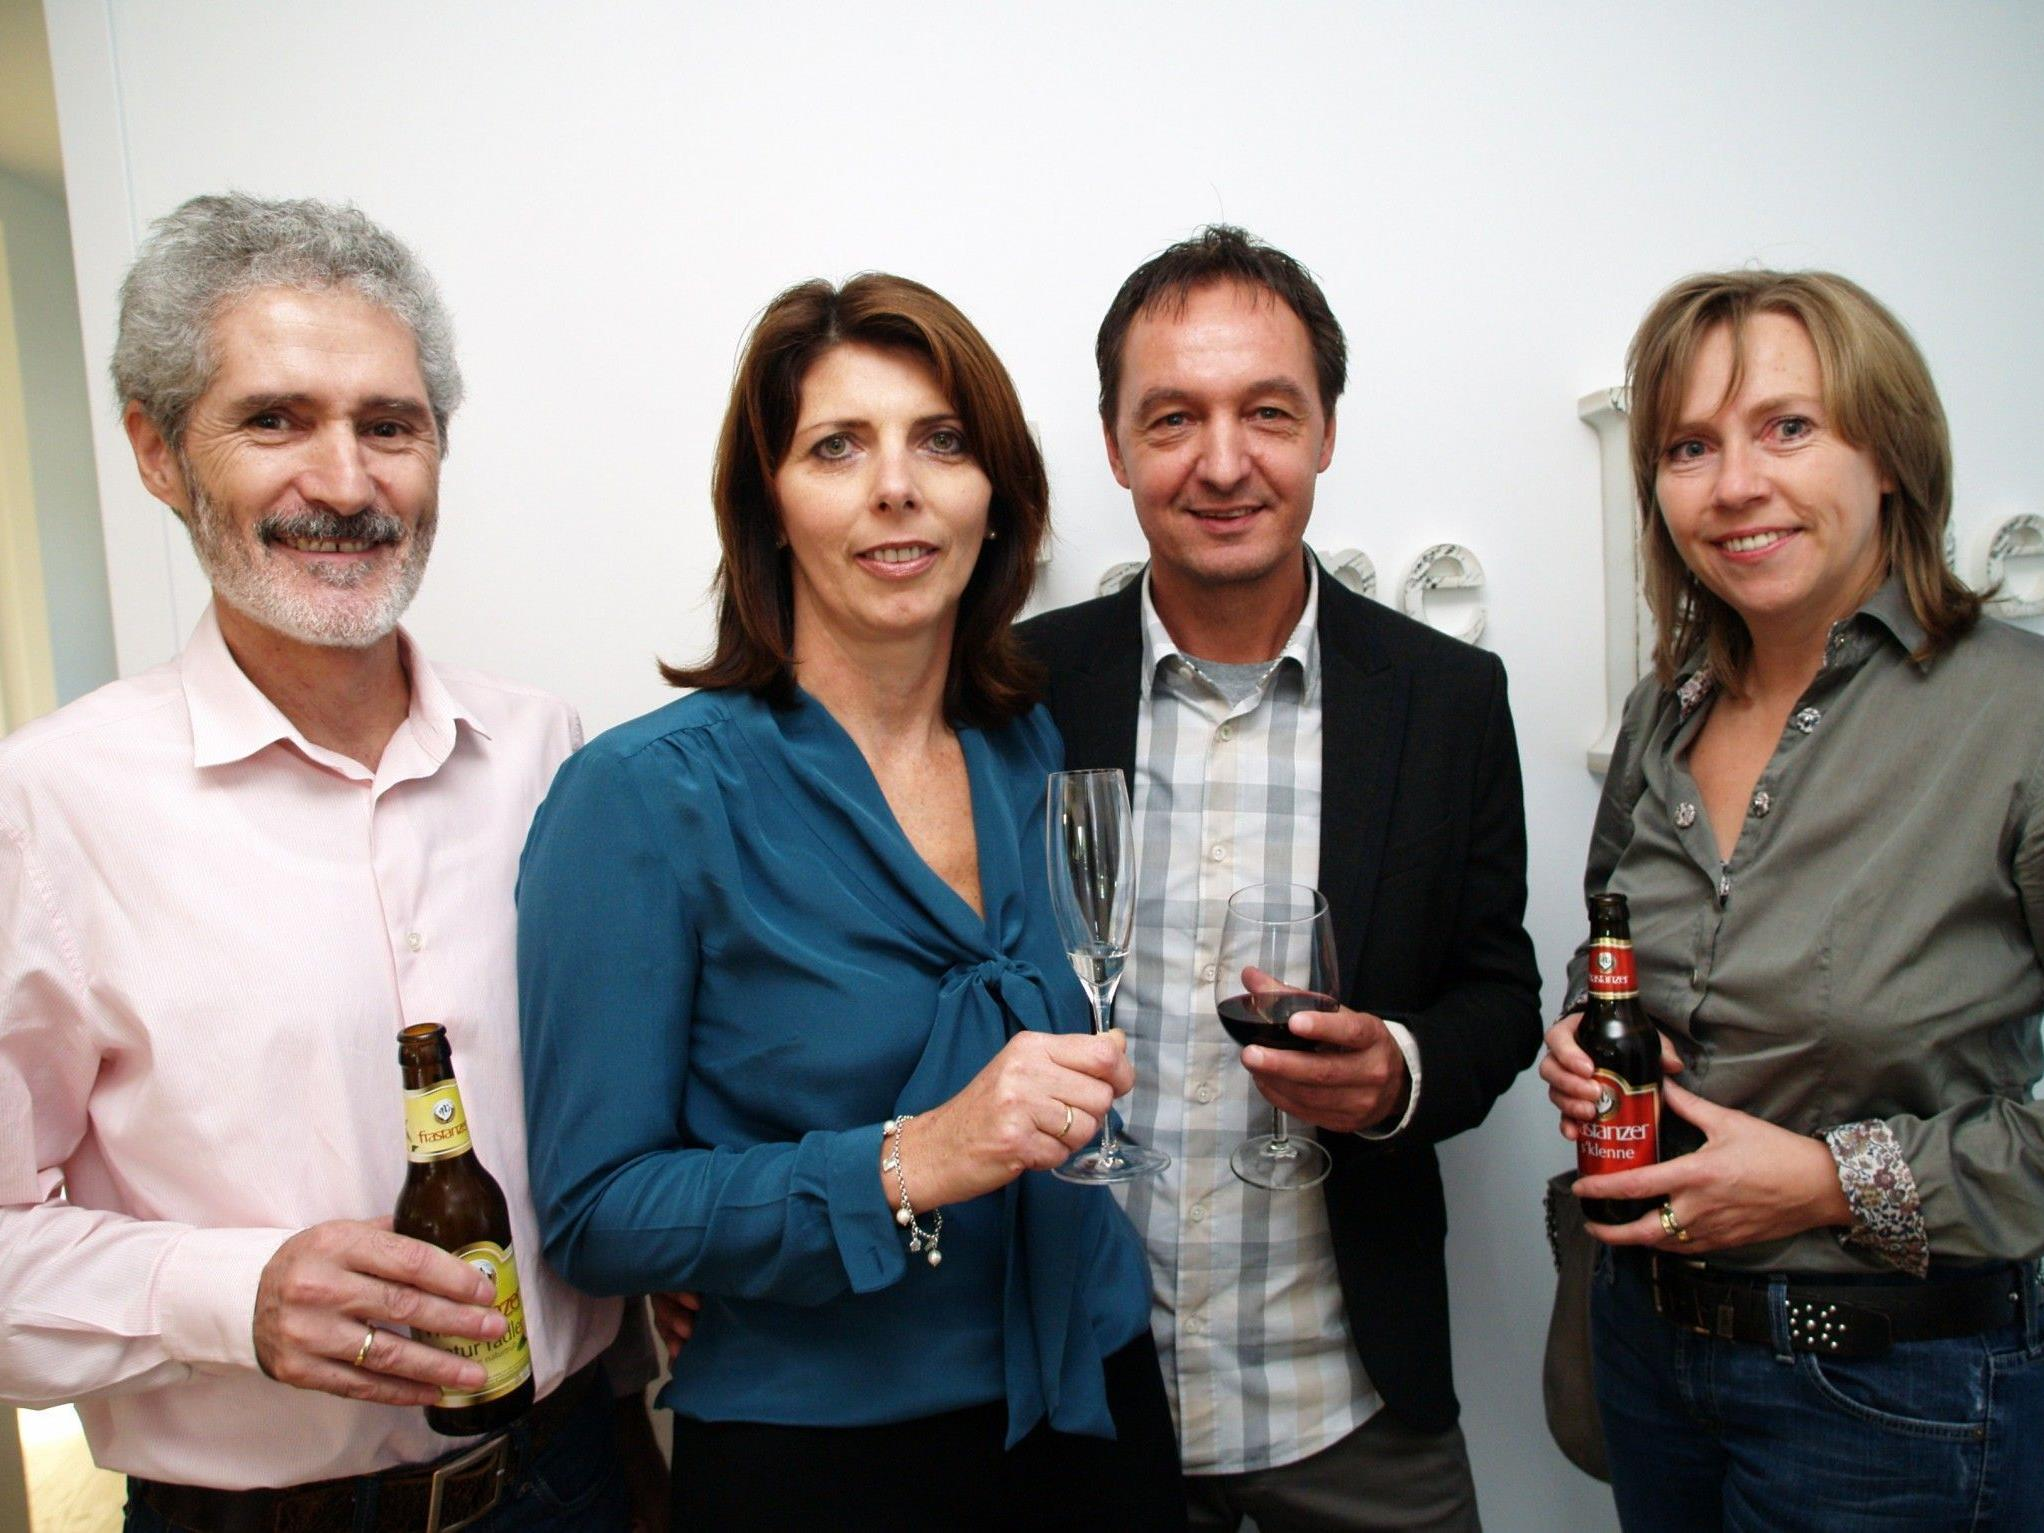 Fredi und Ilse Bucher mit Peter und Gertrude Müller (VN) bei der Eröffnungsfeier.